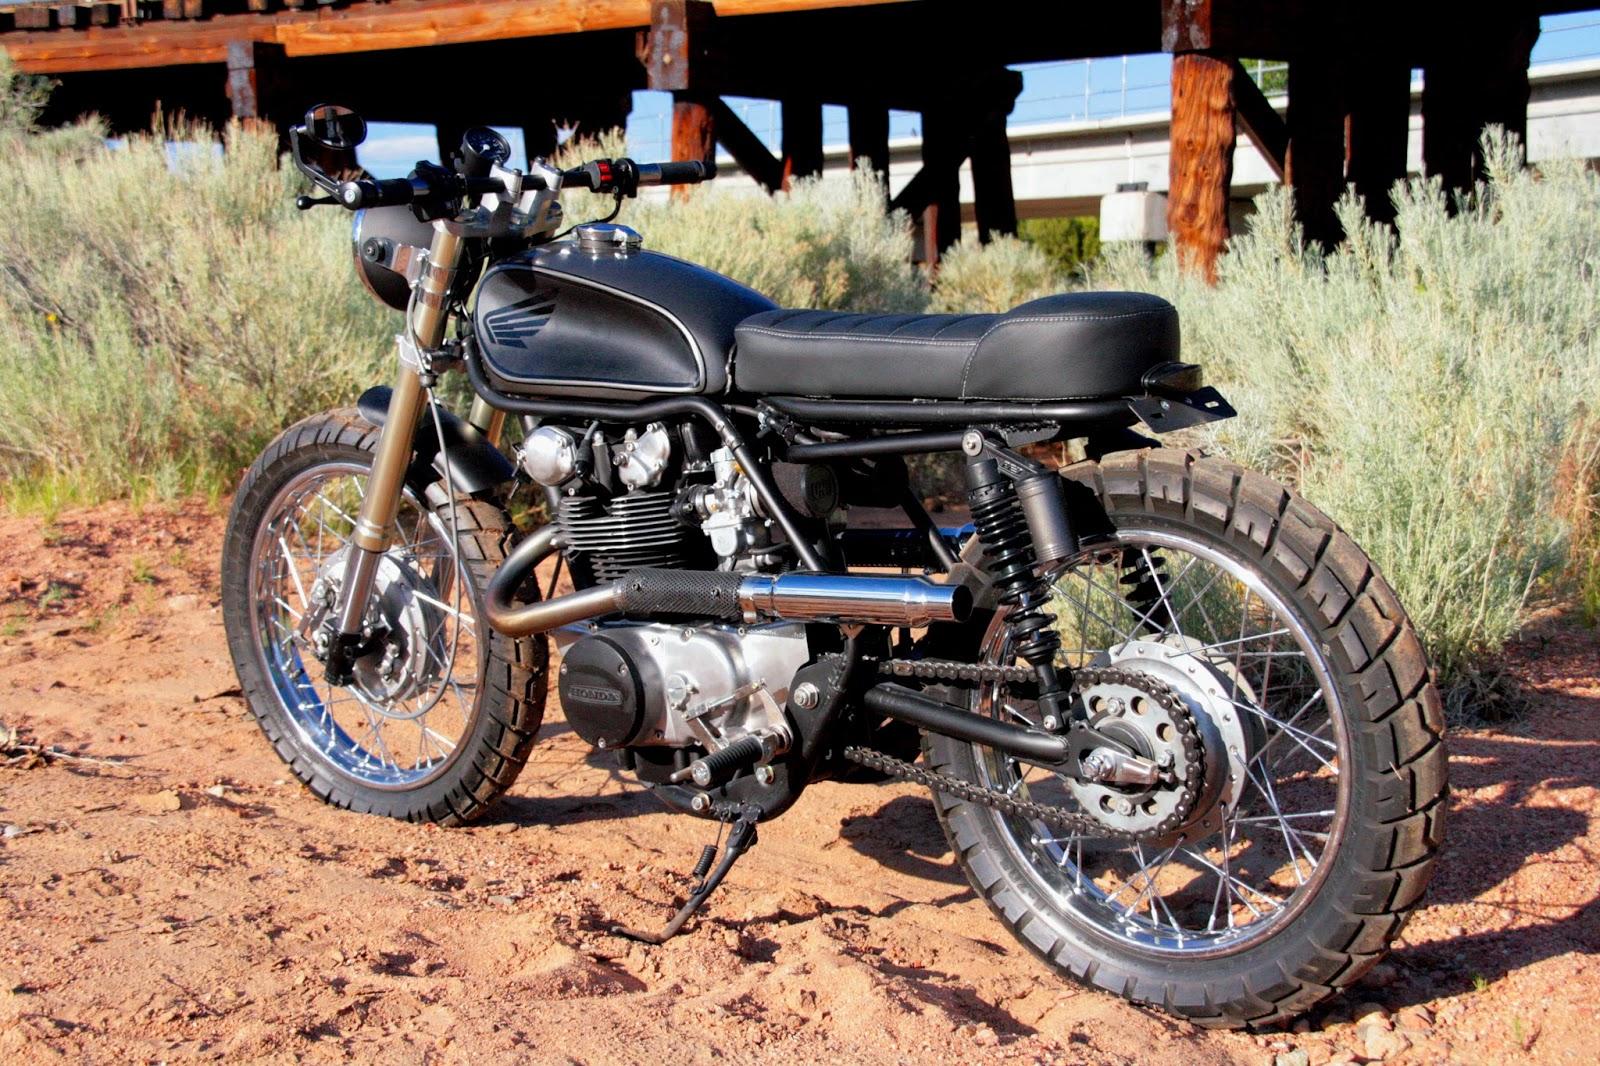 1972 HONDA CL498 Super Scrambler